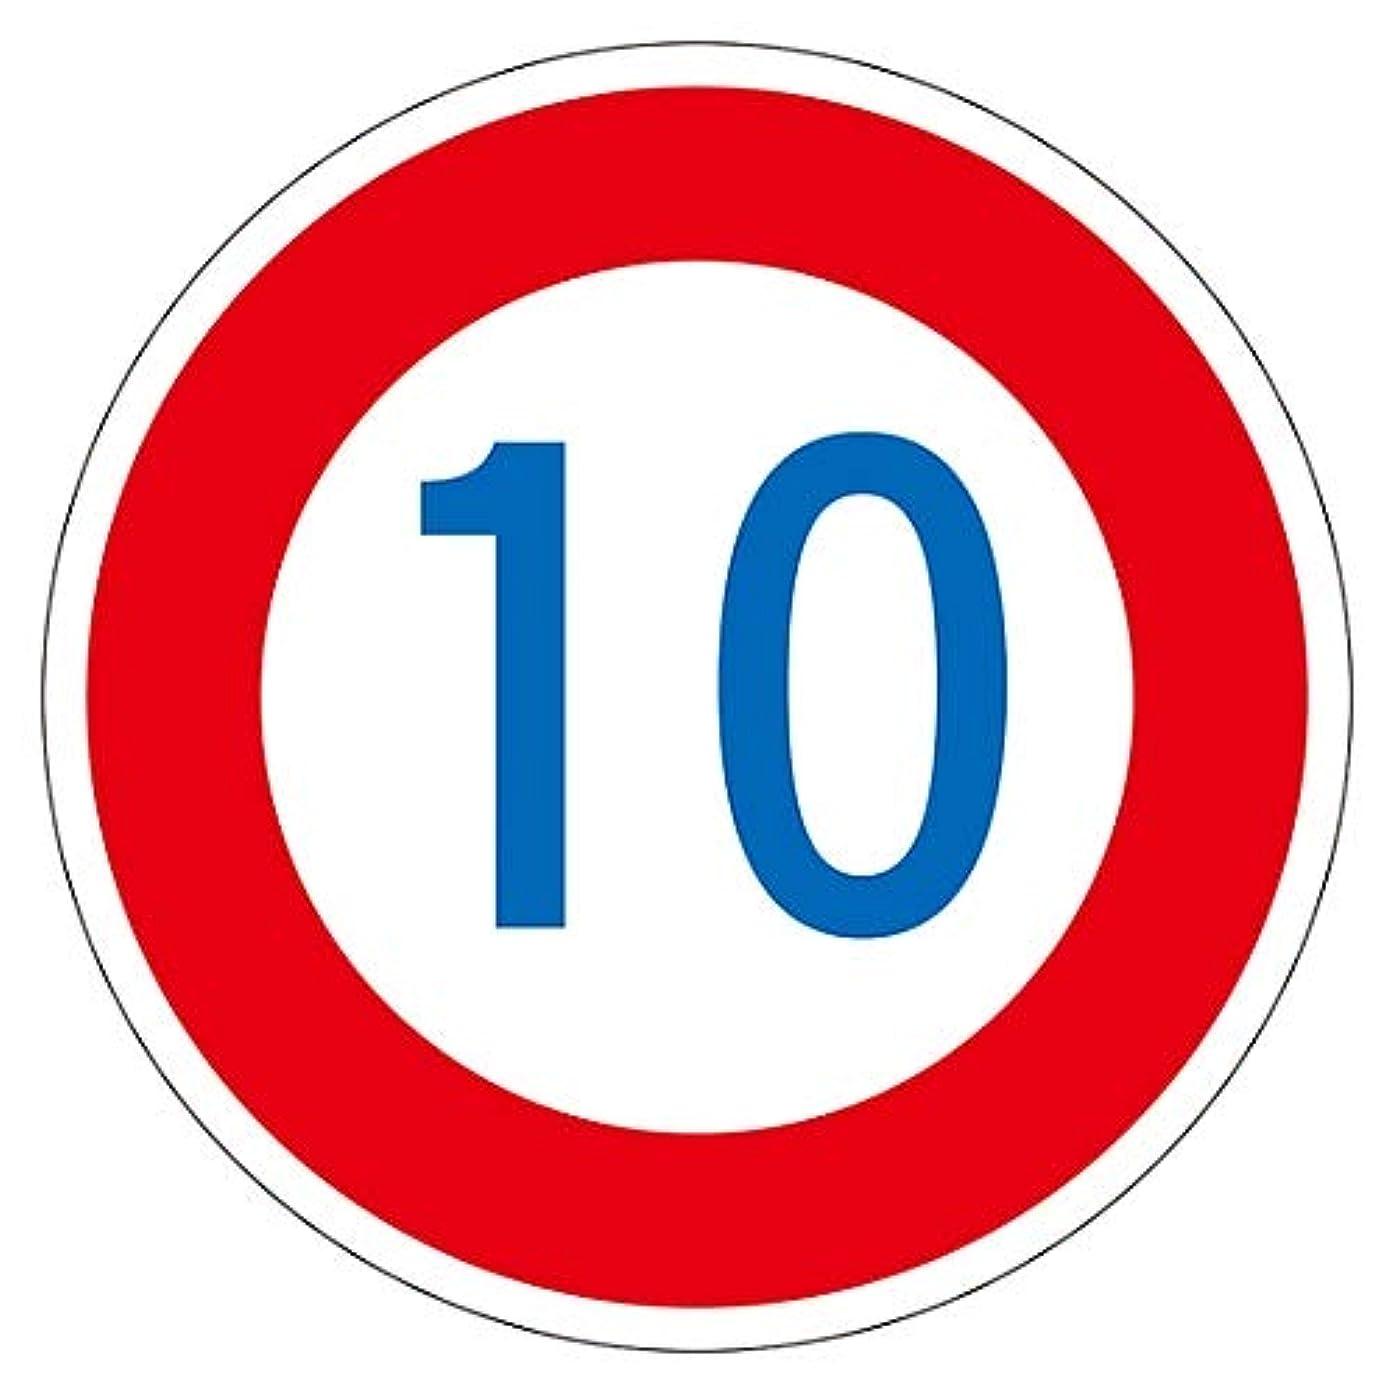 祝福する子音マルコポーロ路面道路標識 「10」 路面-323-10/61-3391-83